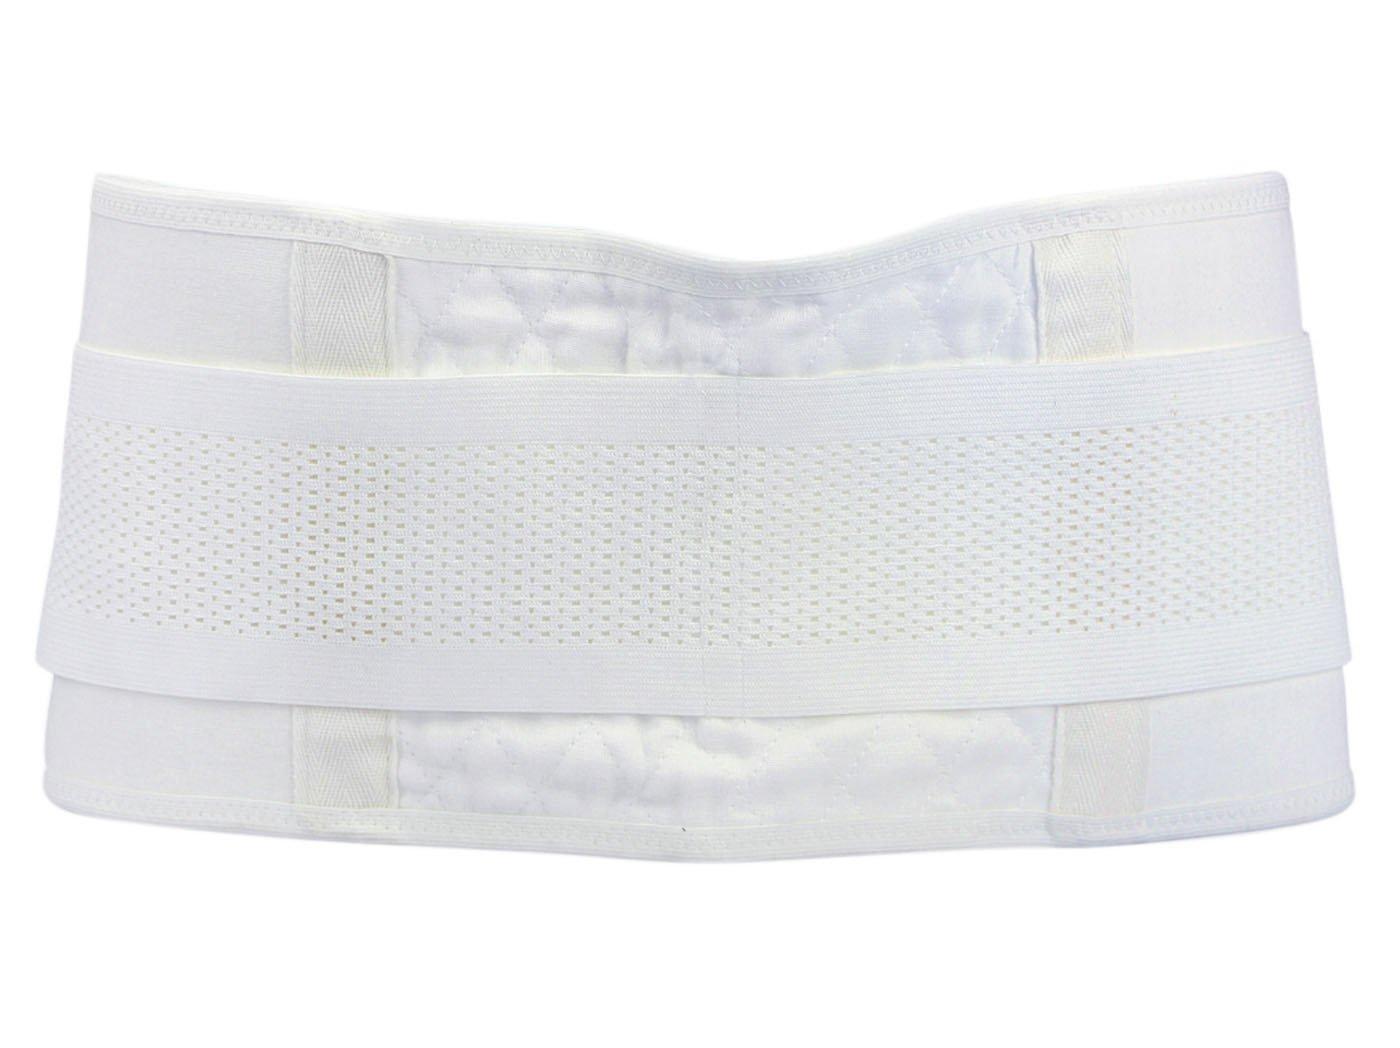 Feoya Mujer Postnatal Faja Reductora de Pelvis Moldeadora Cinturón de Compresión para Postparto Recuperación Color Blanco - Talla M